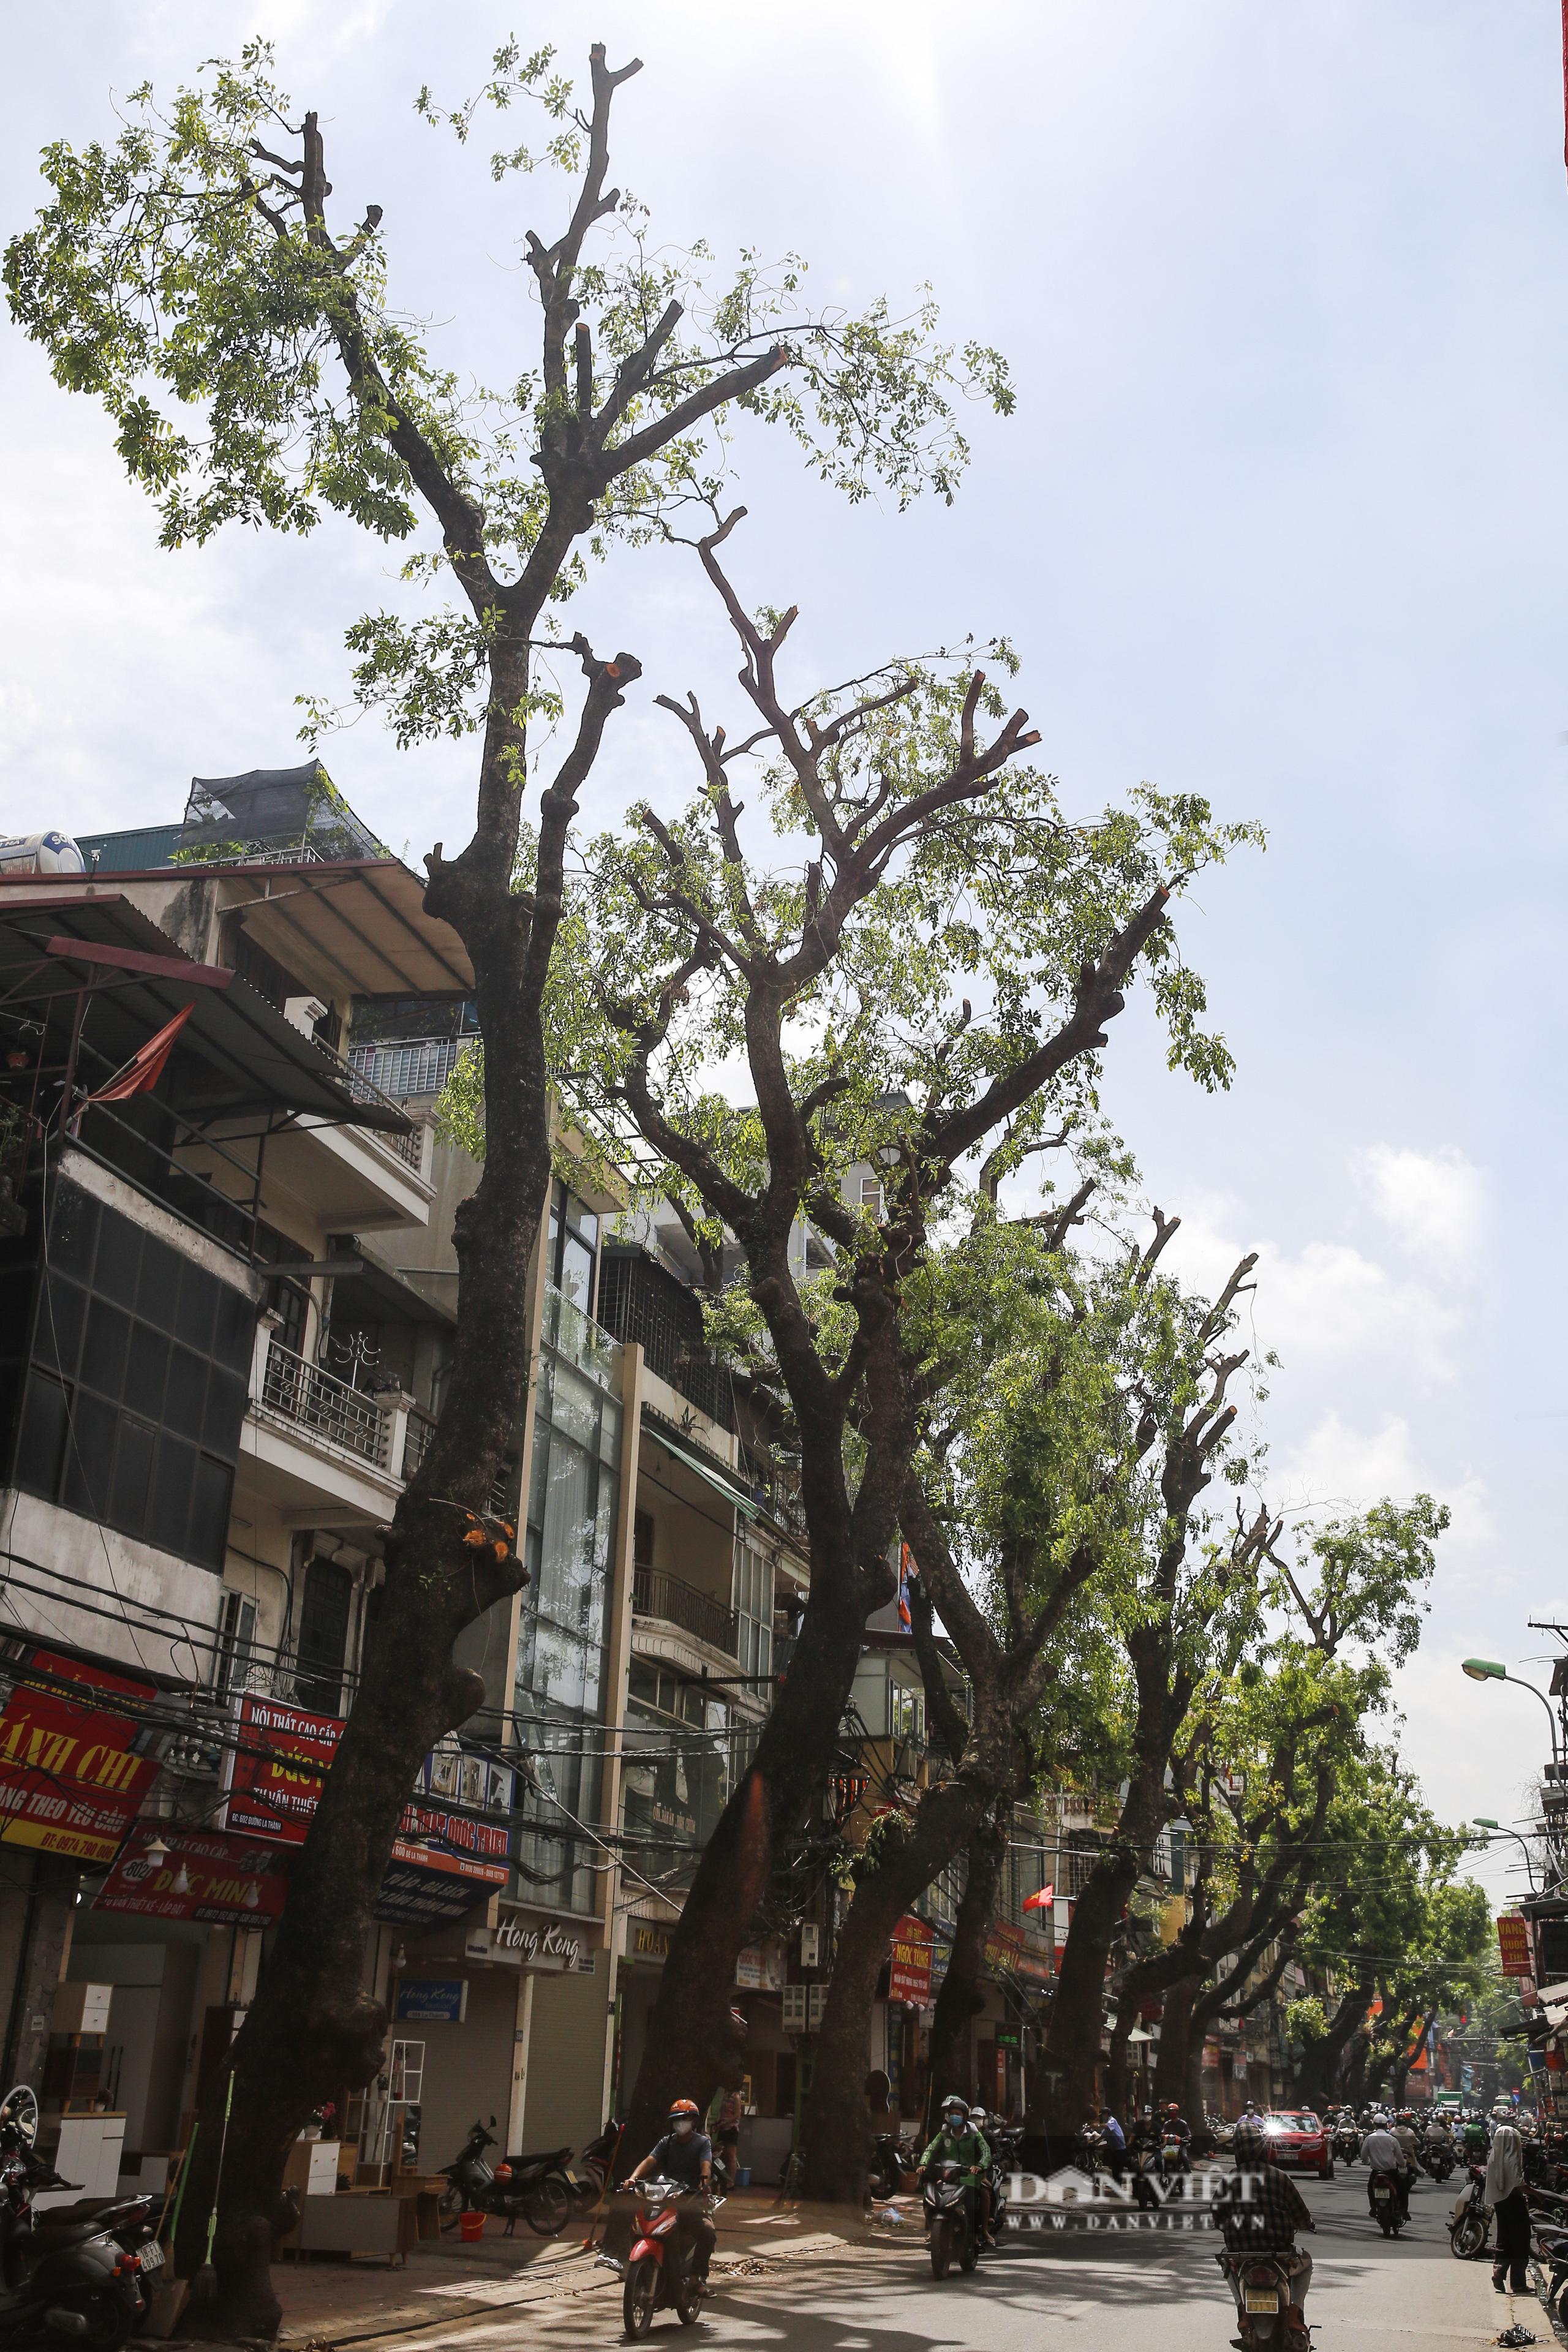 Hà Nội: Dùng xe nâng người dài 26 mét cắt tỉa hơn 20.000 cây nguy hiểm - Ảnh 12.